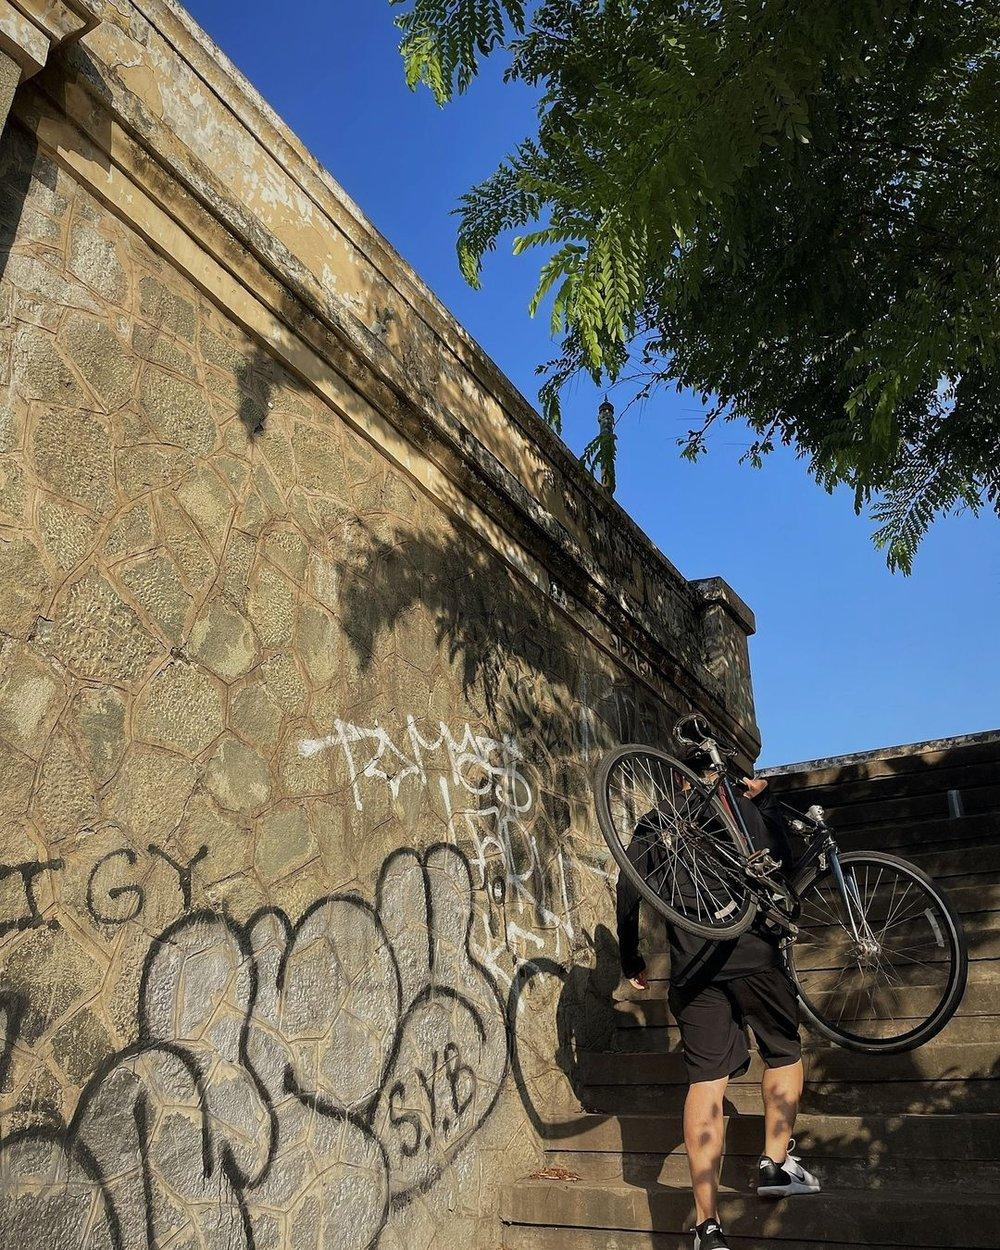 Chuyện không tưởng: Người Sài Gòn đang có trào lưu chạy xe đạp bạc triệu giữa mùa dịch, đầu tư không kém mấy tay đua ở Tour de France - Ảnh 17.